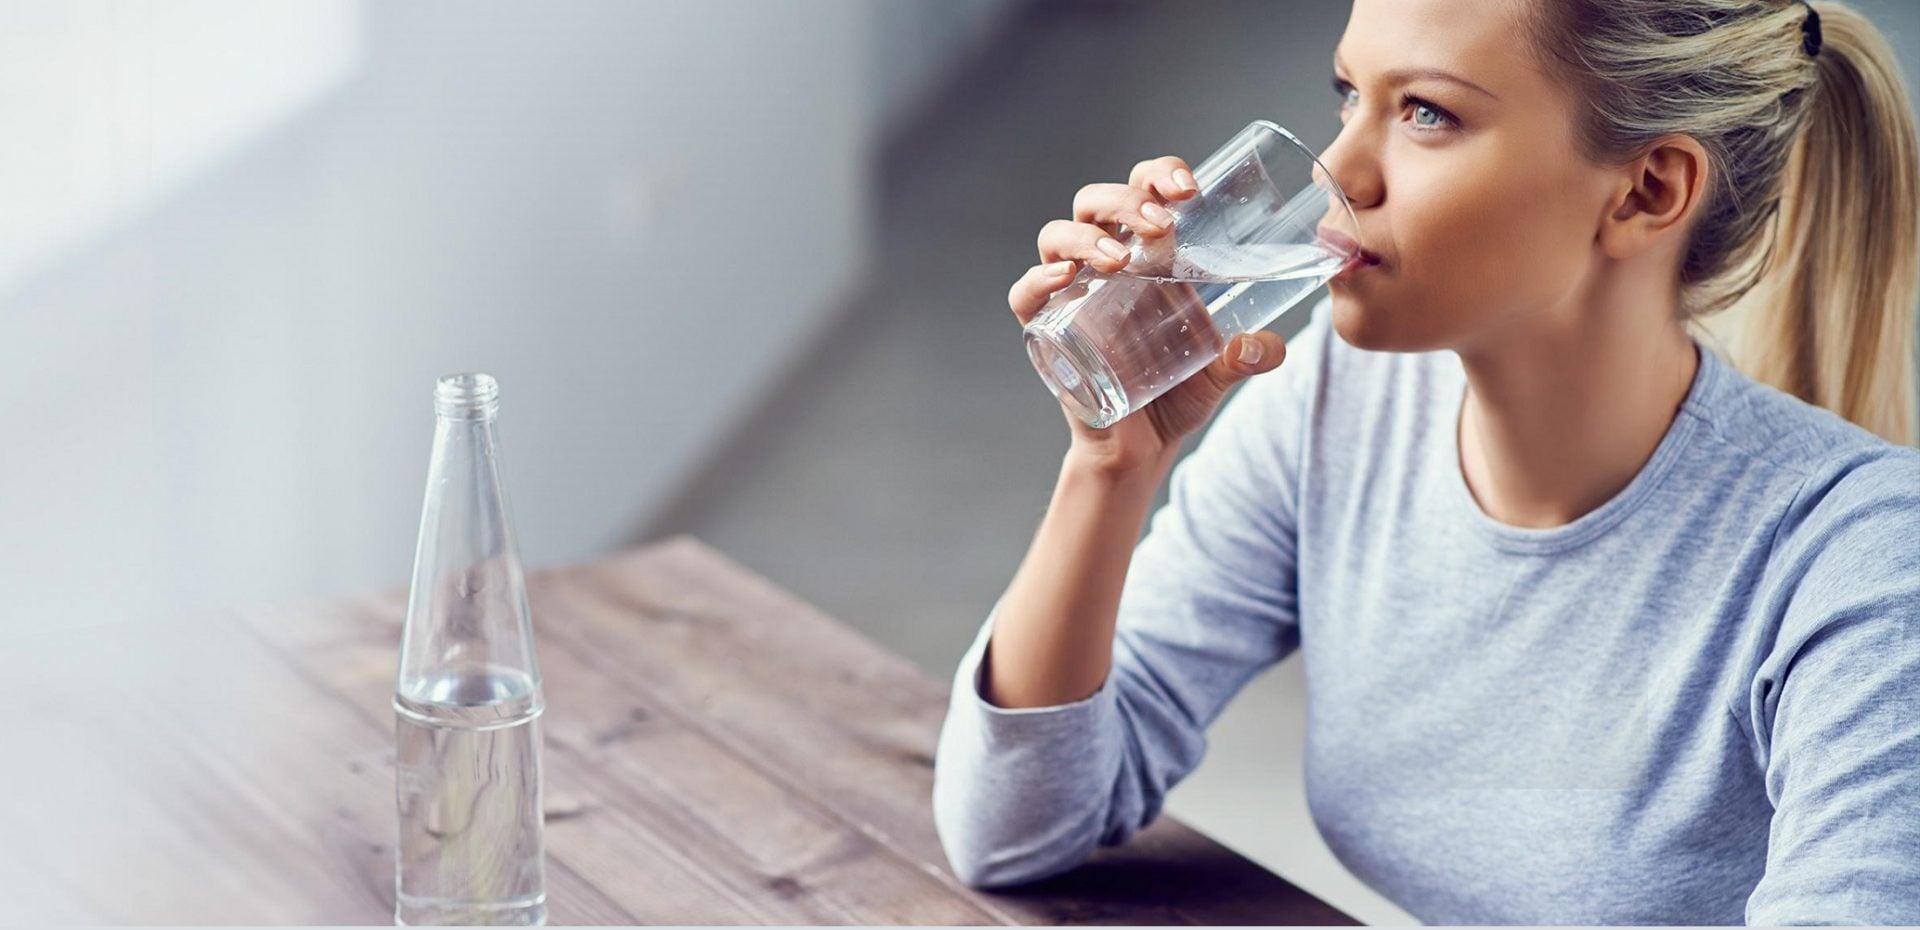 بهترین زمان برای نوشیدن آب در روزهای کرونایی